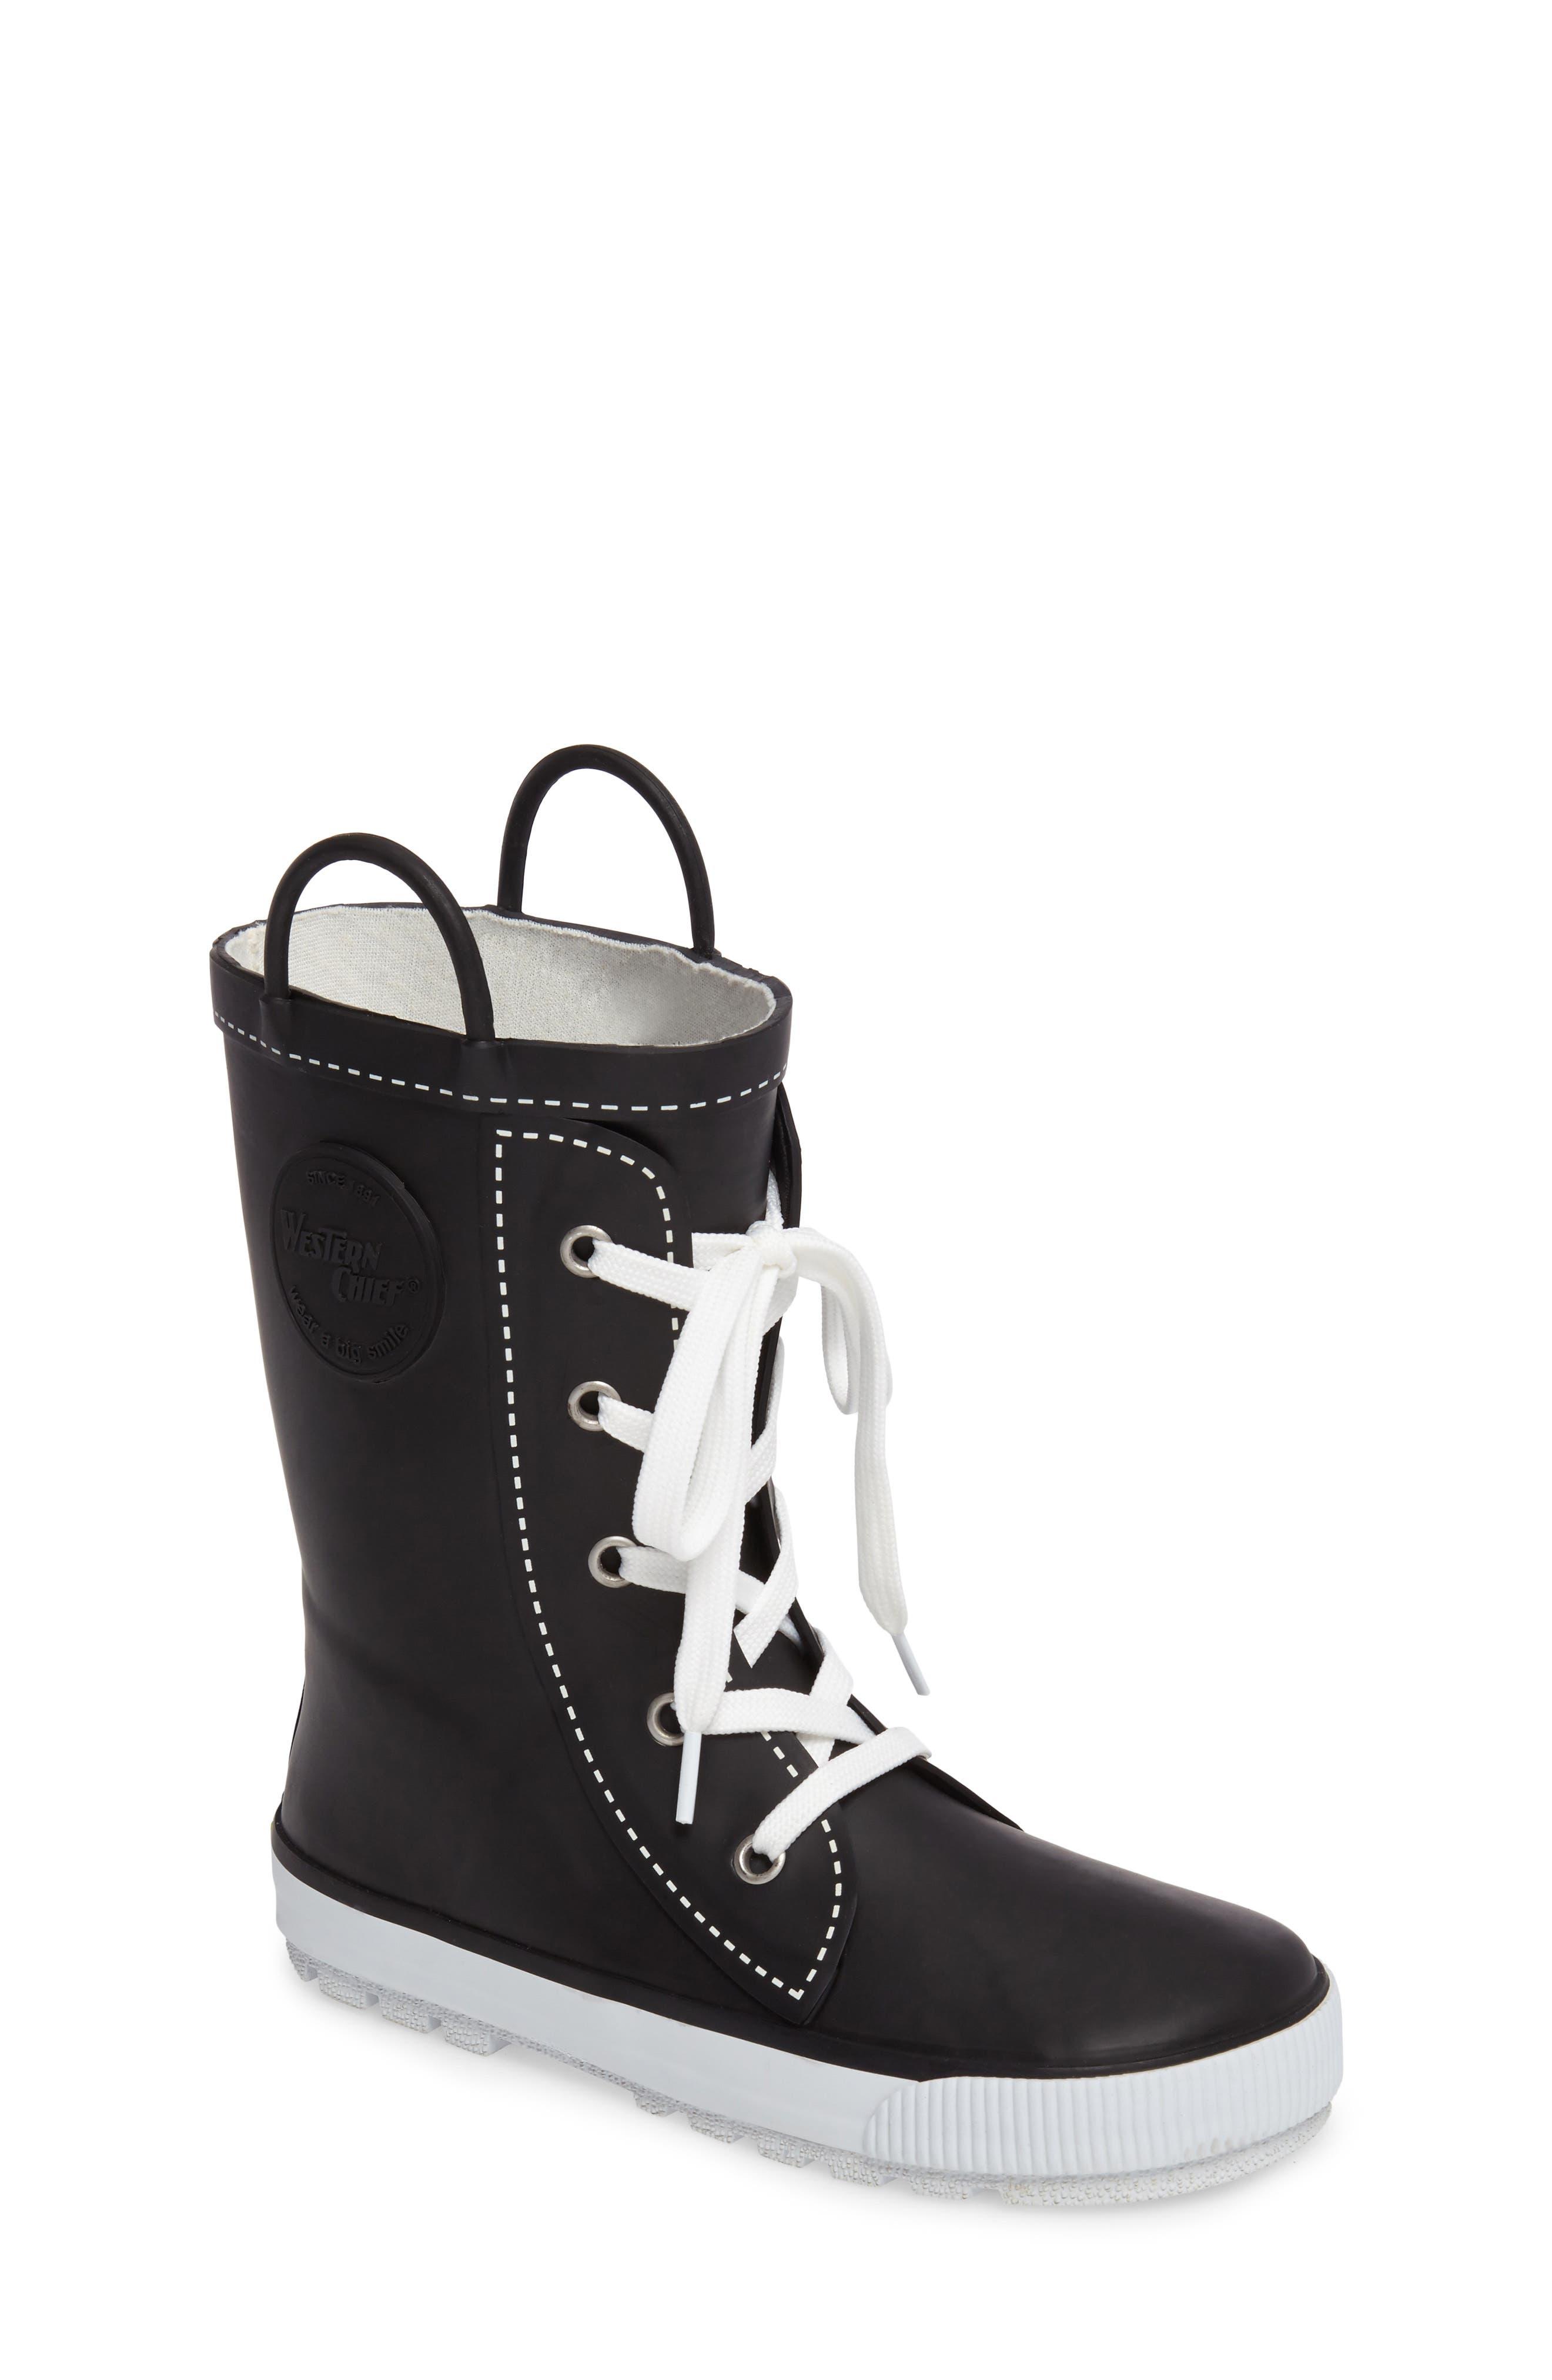 Main Image - Western Chief Waterproof Sneaker Rain Boot (Walker, Toddler, Little Kid & Big Kid)